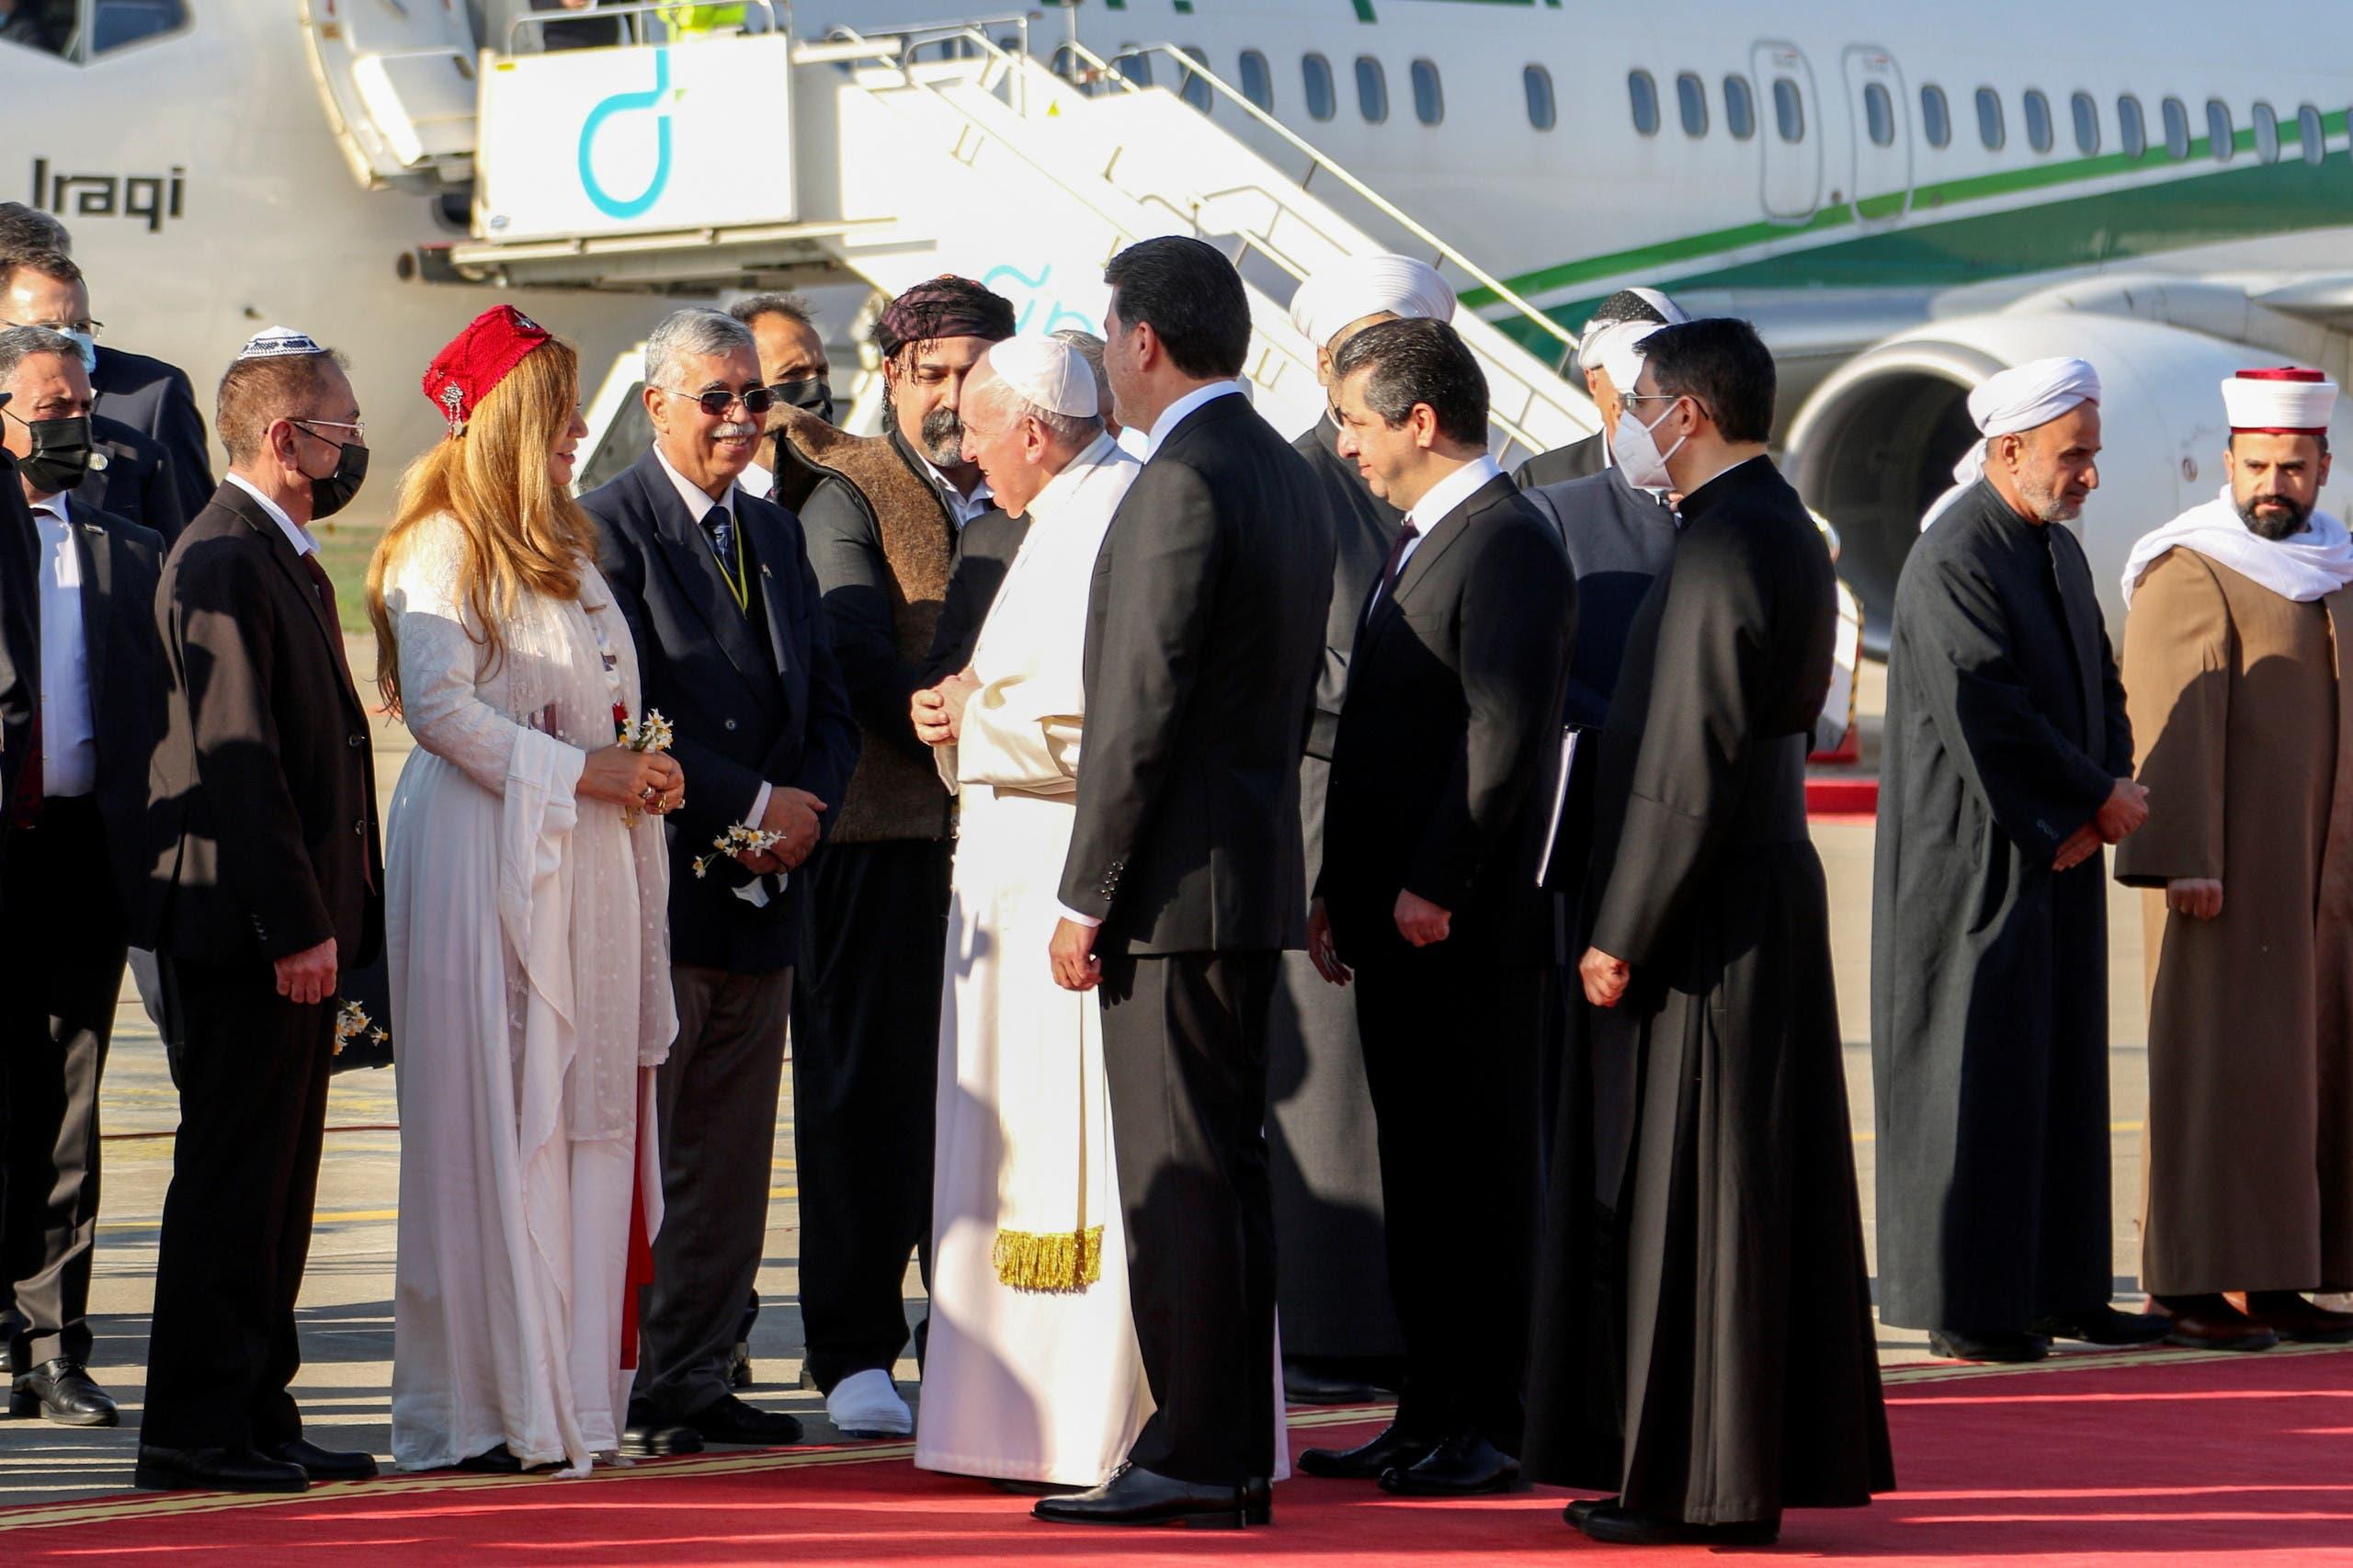 وصول البابا فرانسيس إلى أربيل